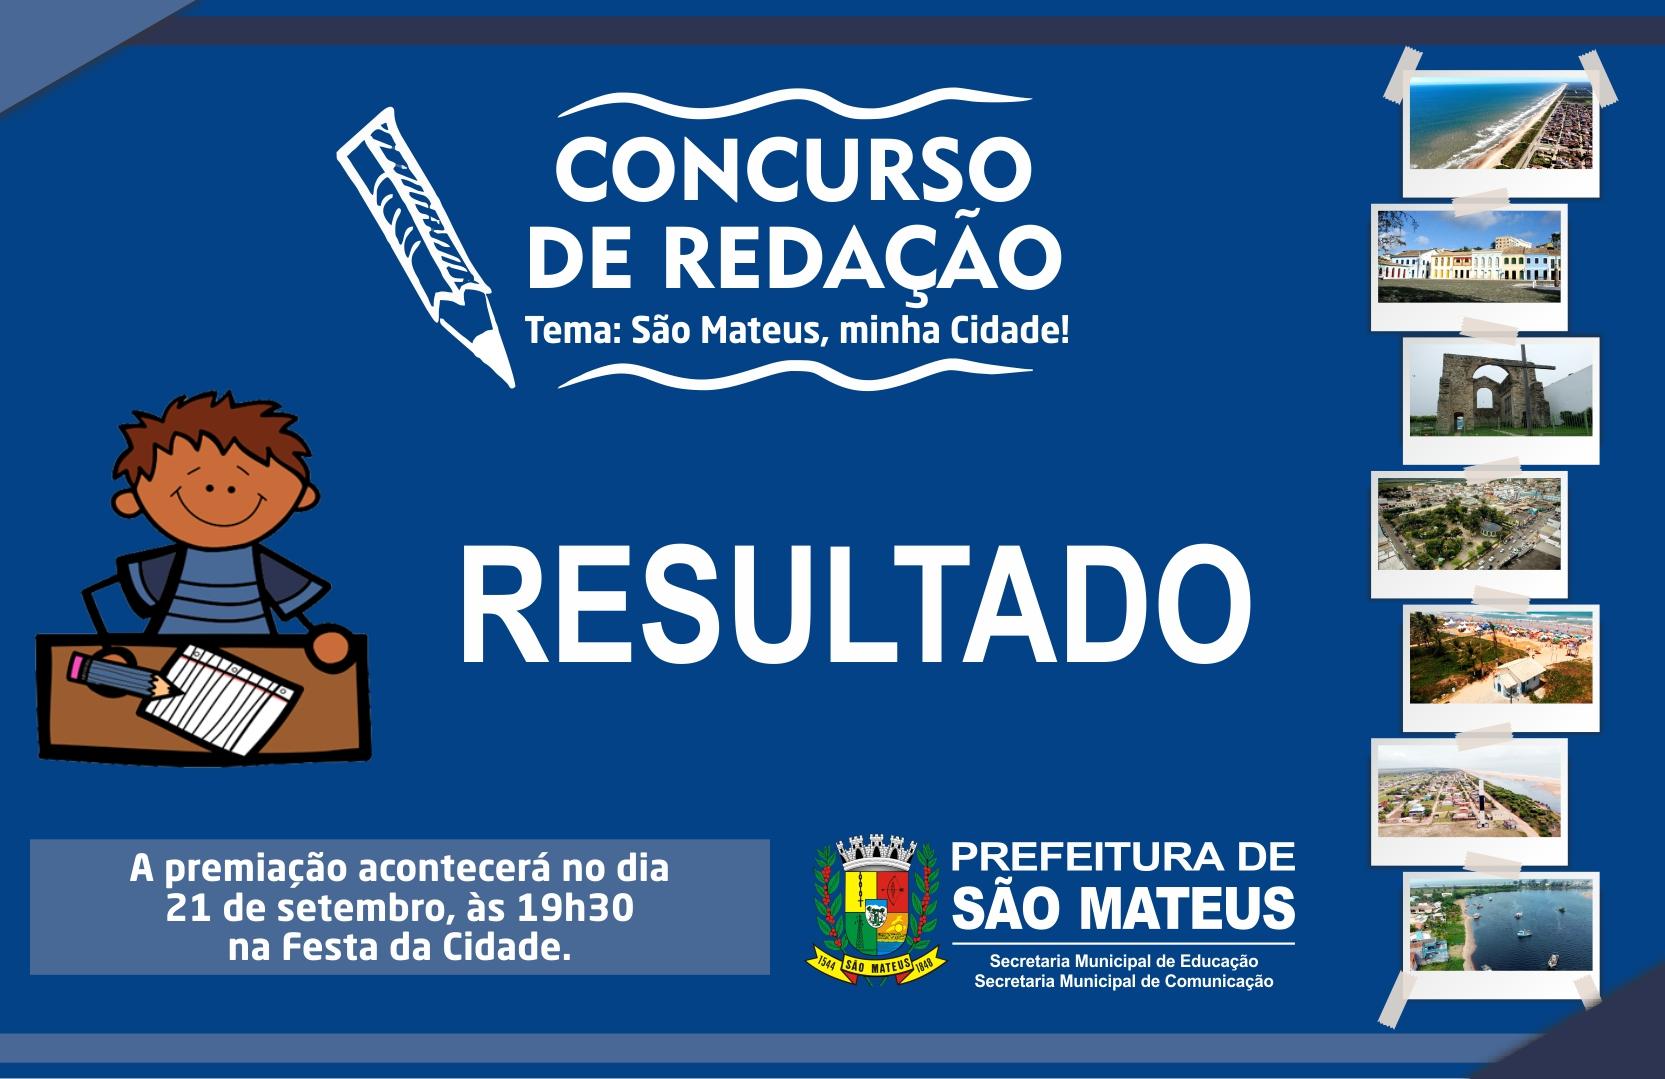 COMUNICADO DA COMISSÃO JULGADORA DO CONCURSO DE REDAÇÃO